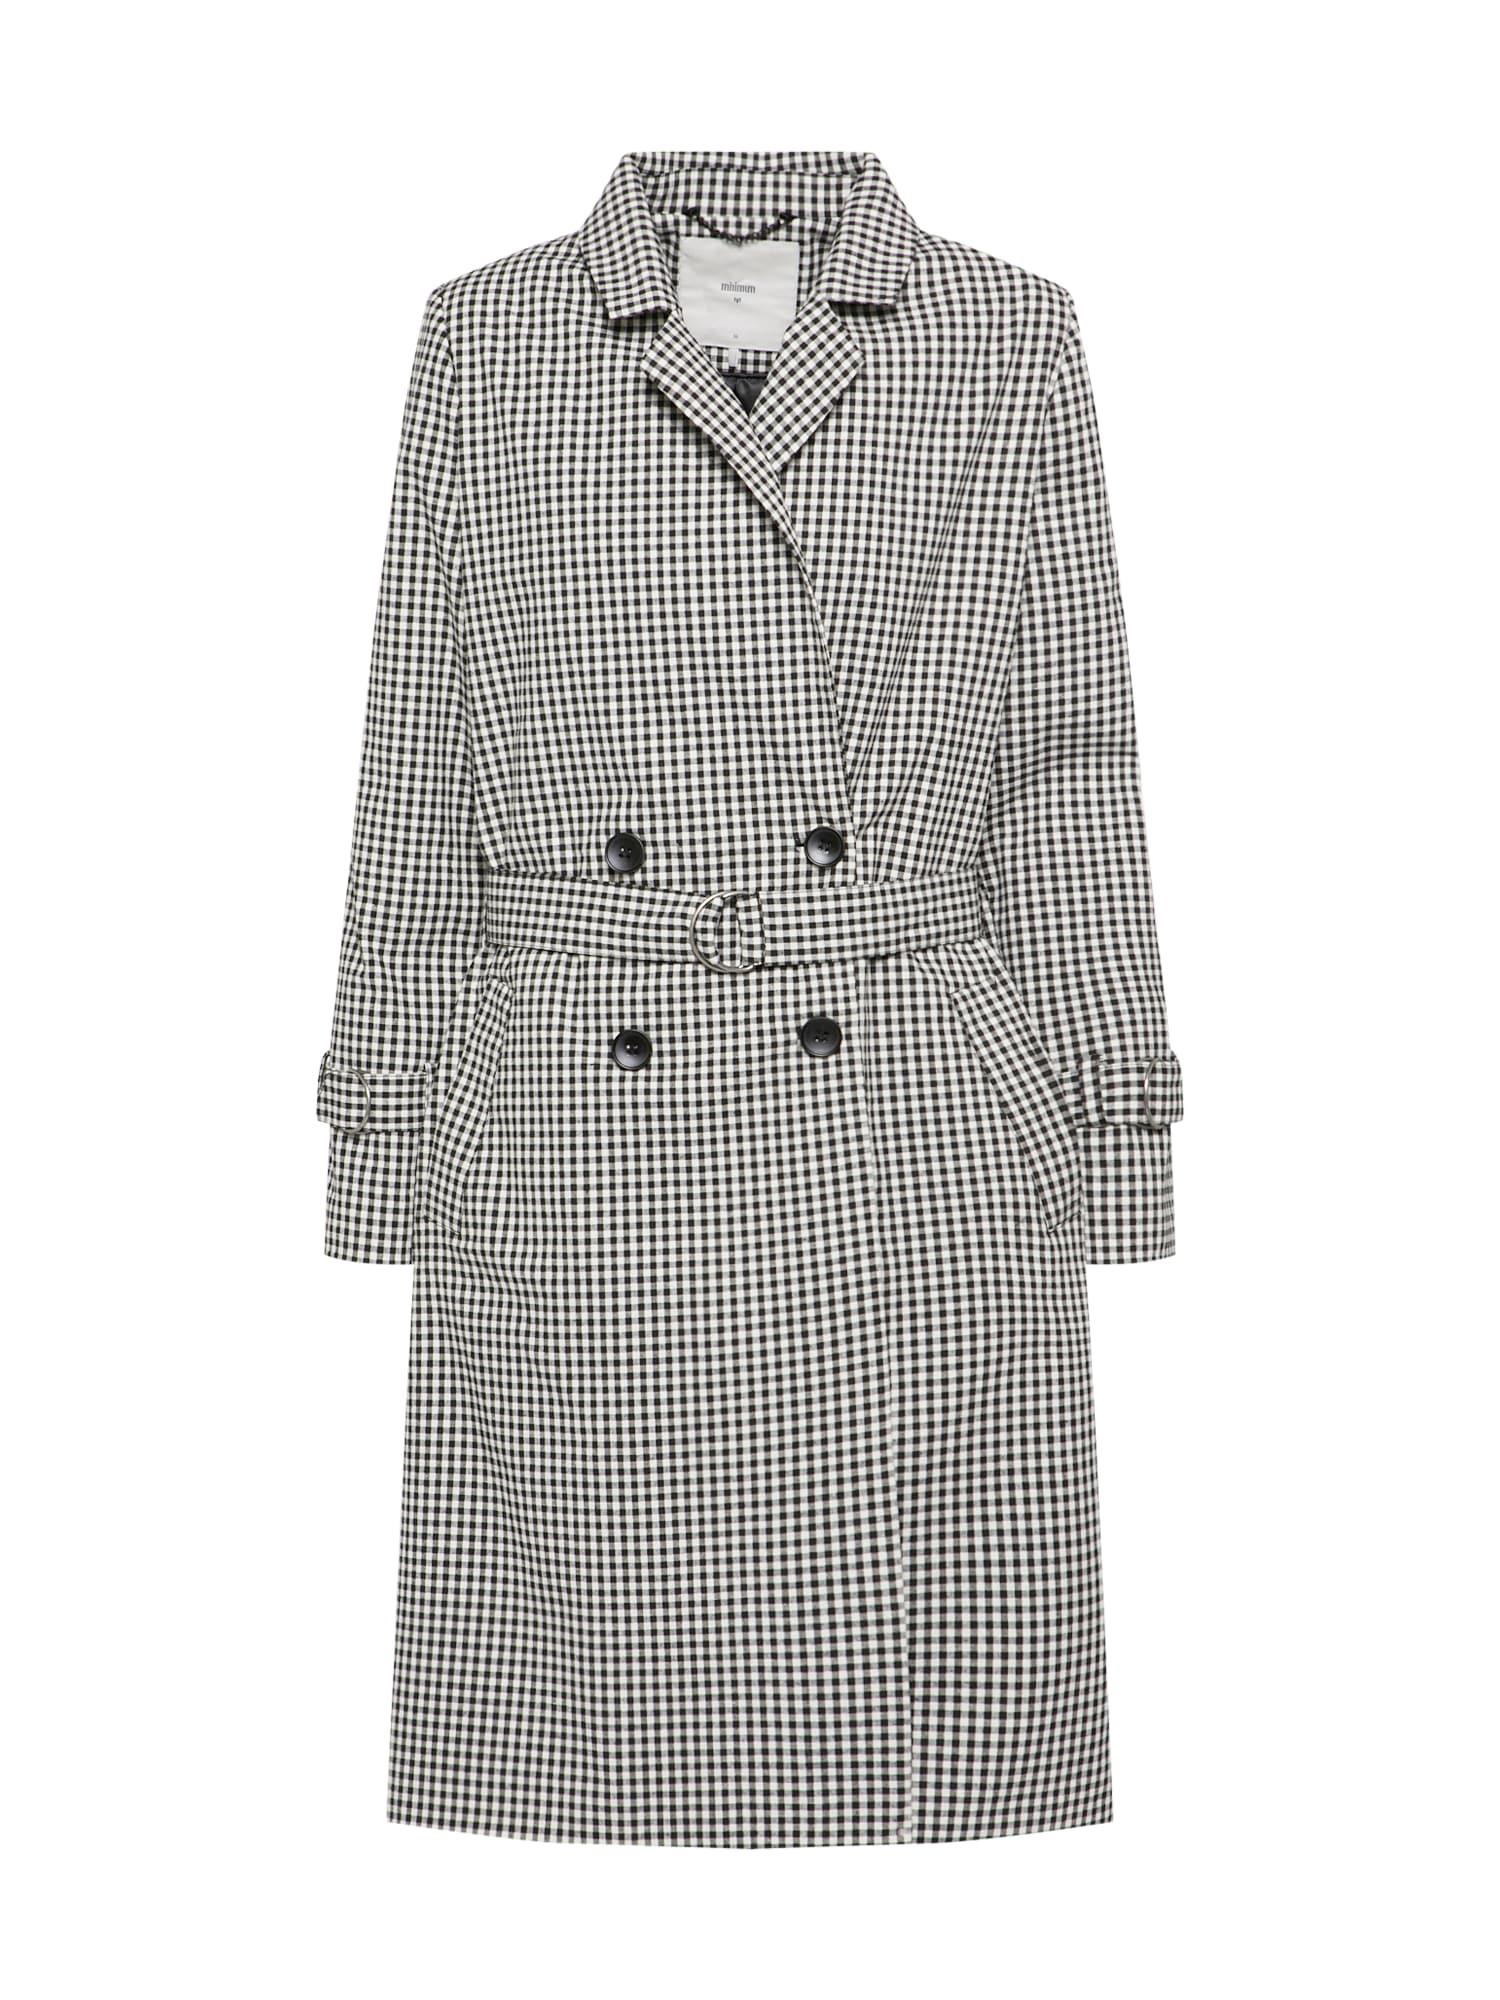 Přechodný kabát Zophie černá bílá Minimum